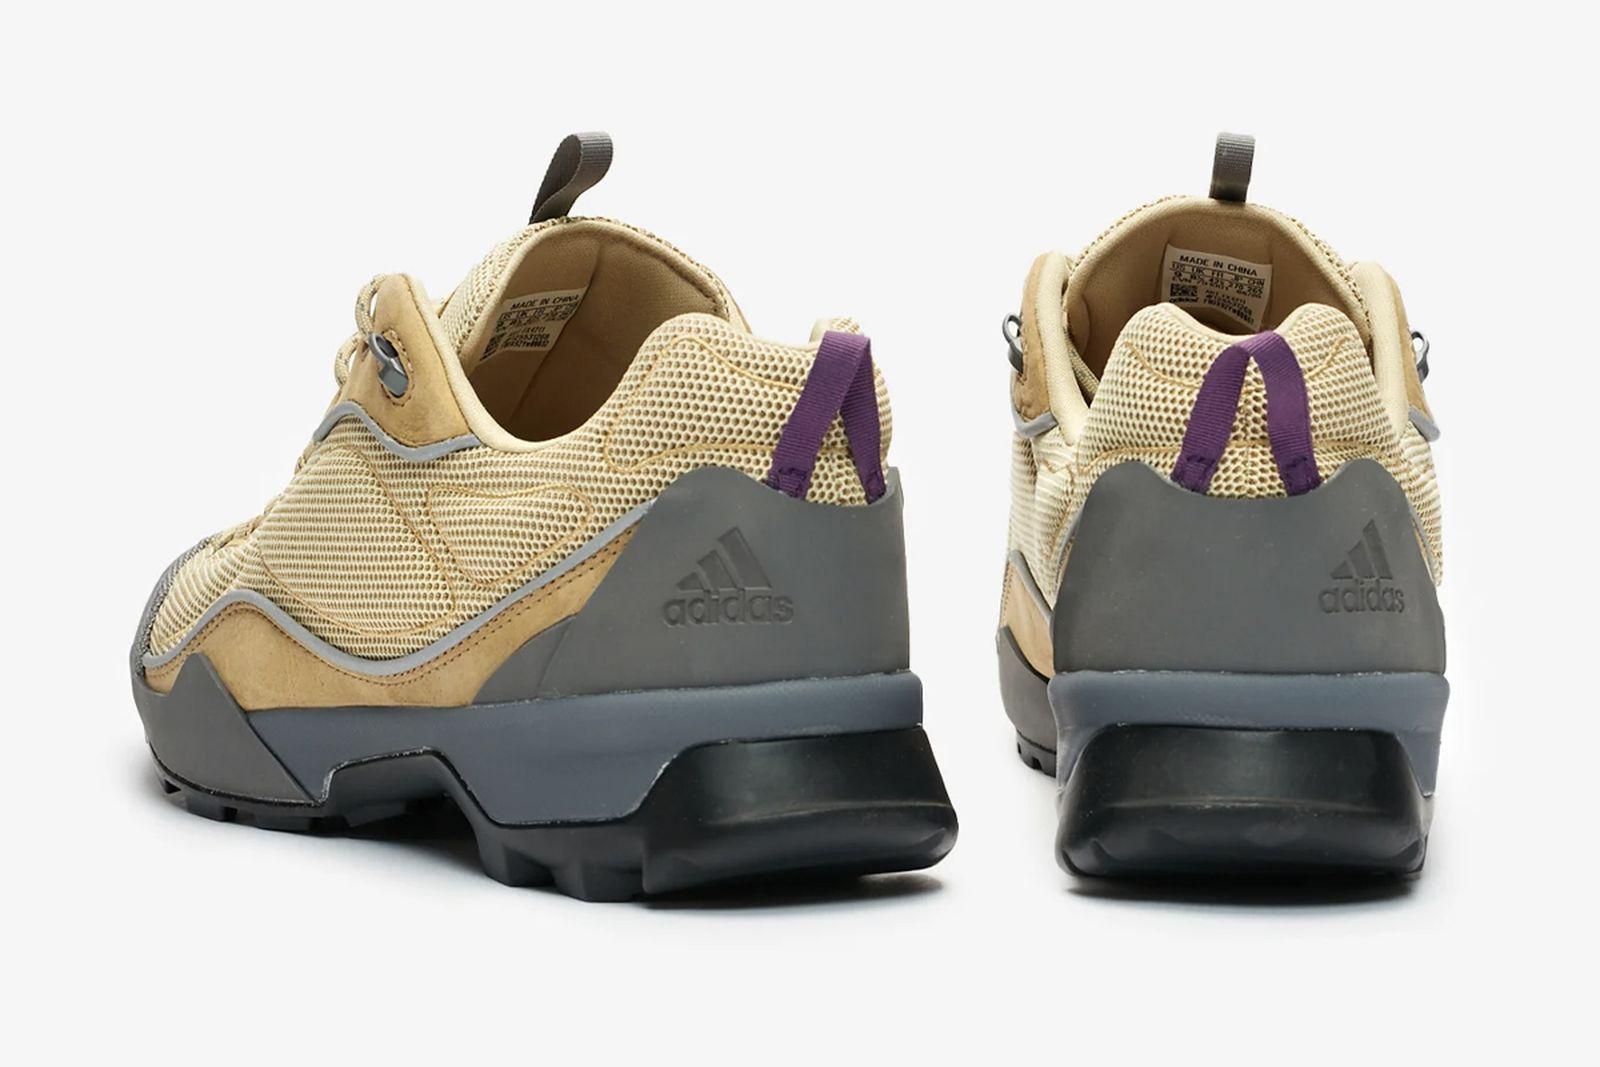 adidas-consortium-sahalex-release-date-price-07